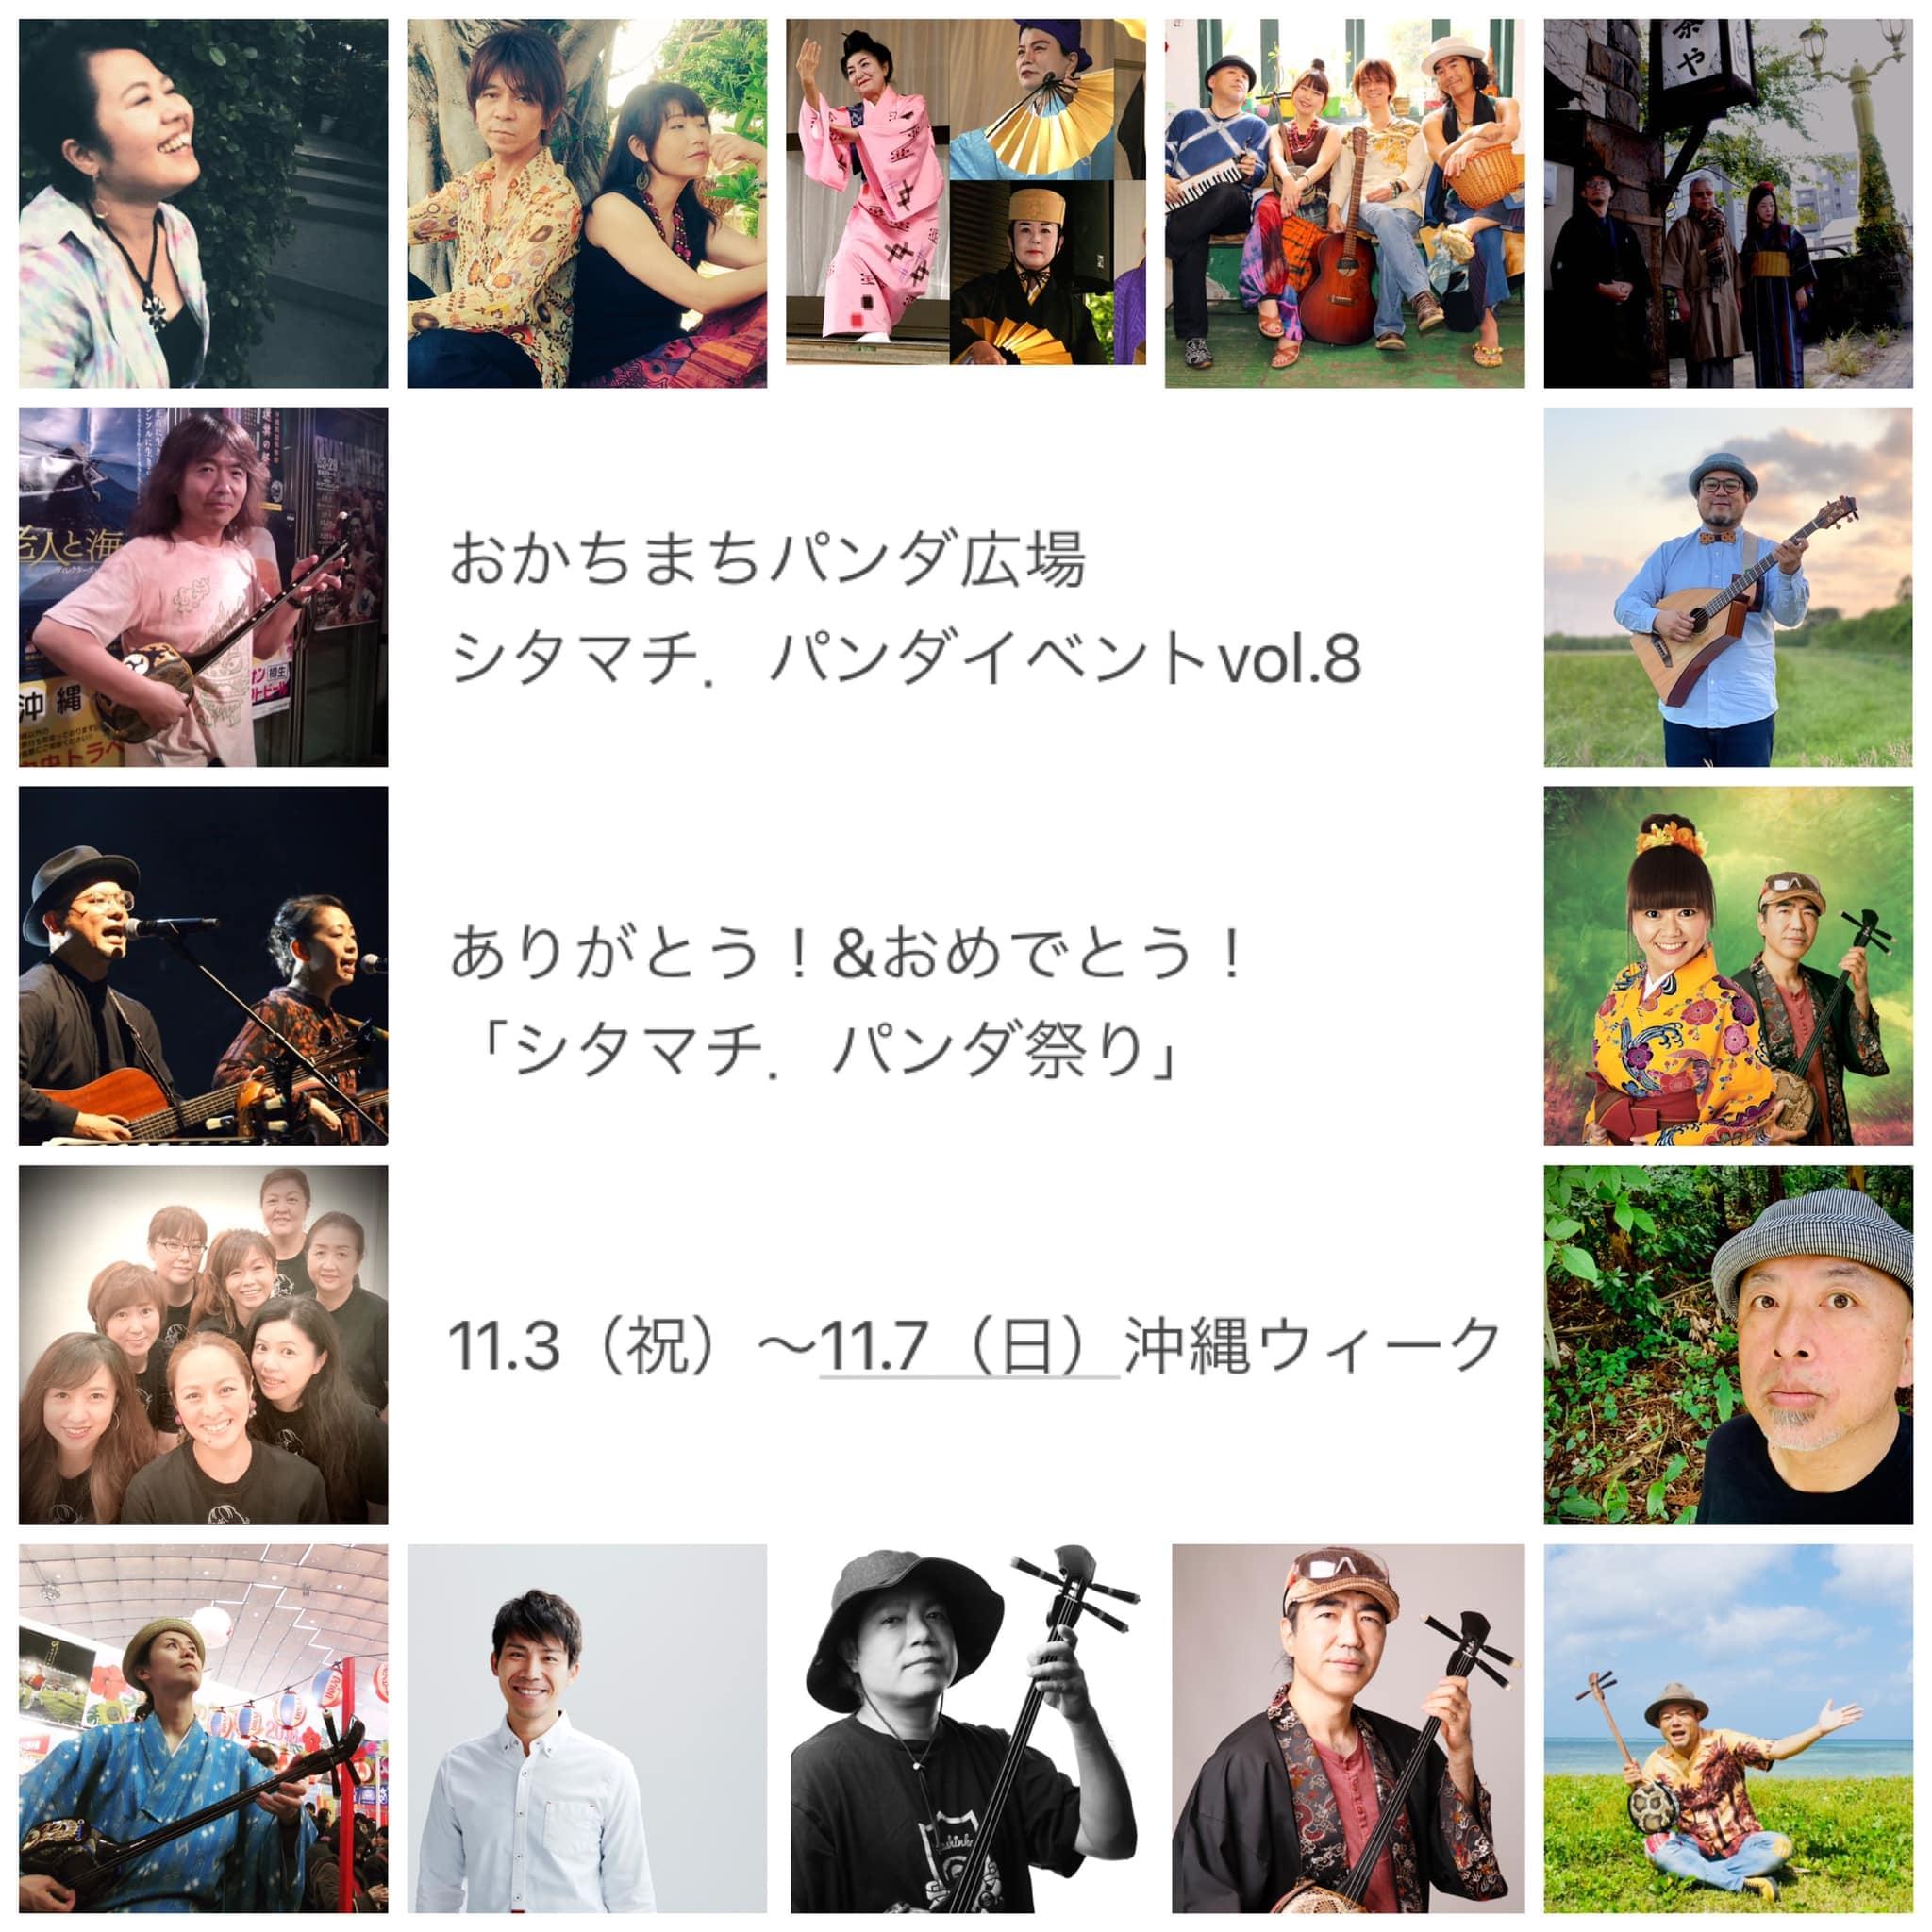 沖縄イベントが帰って来た!(関東編)